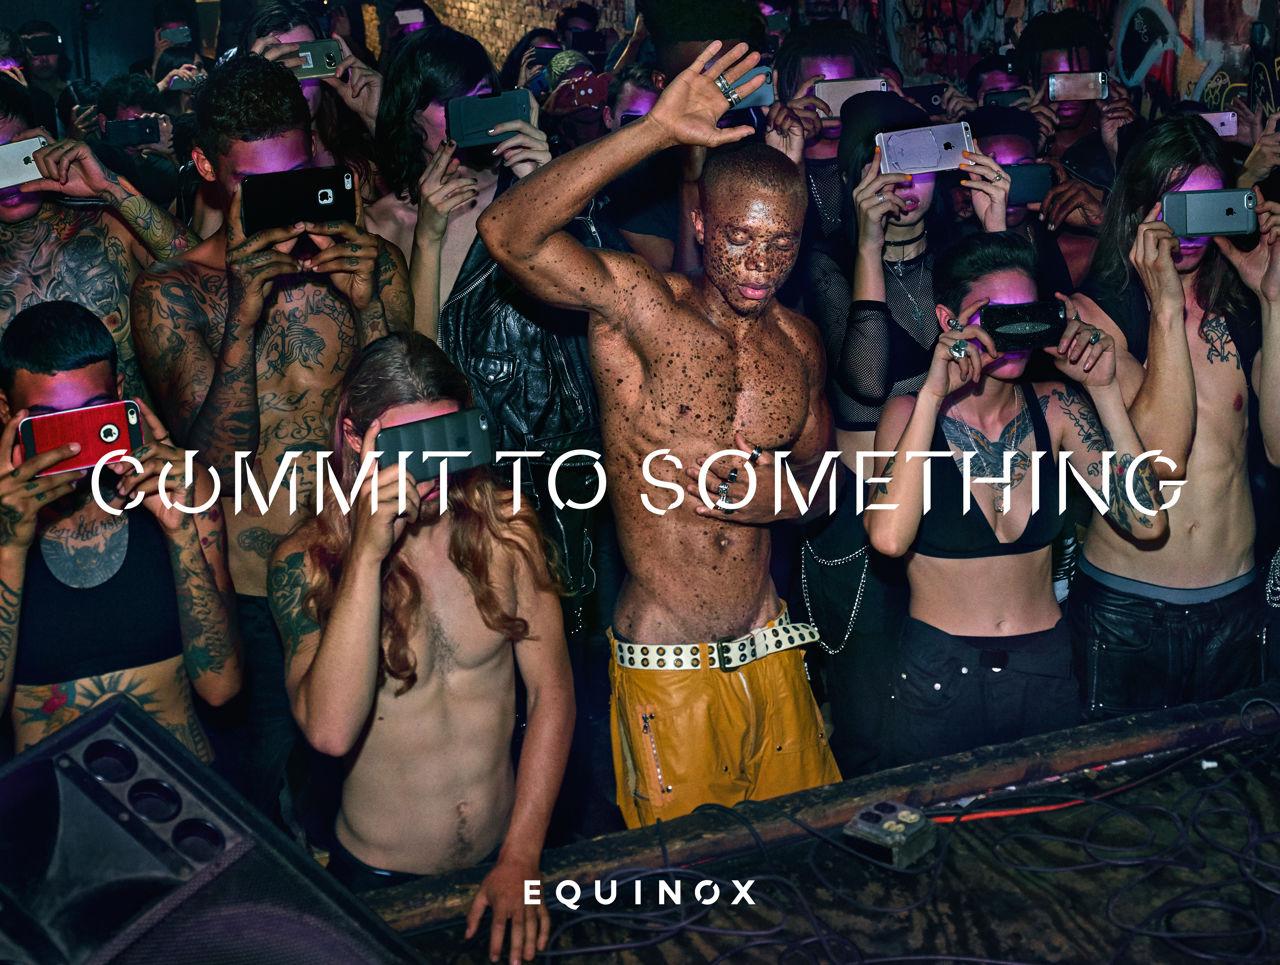 Steven Klein + Equinox